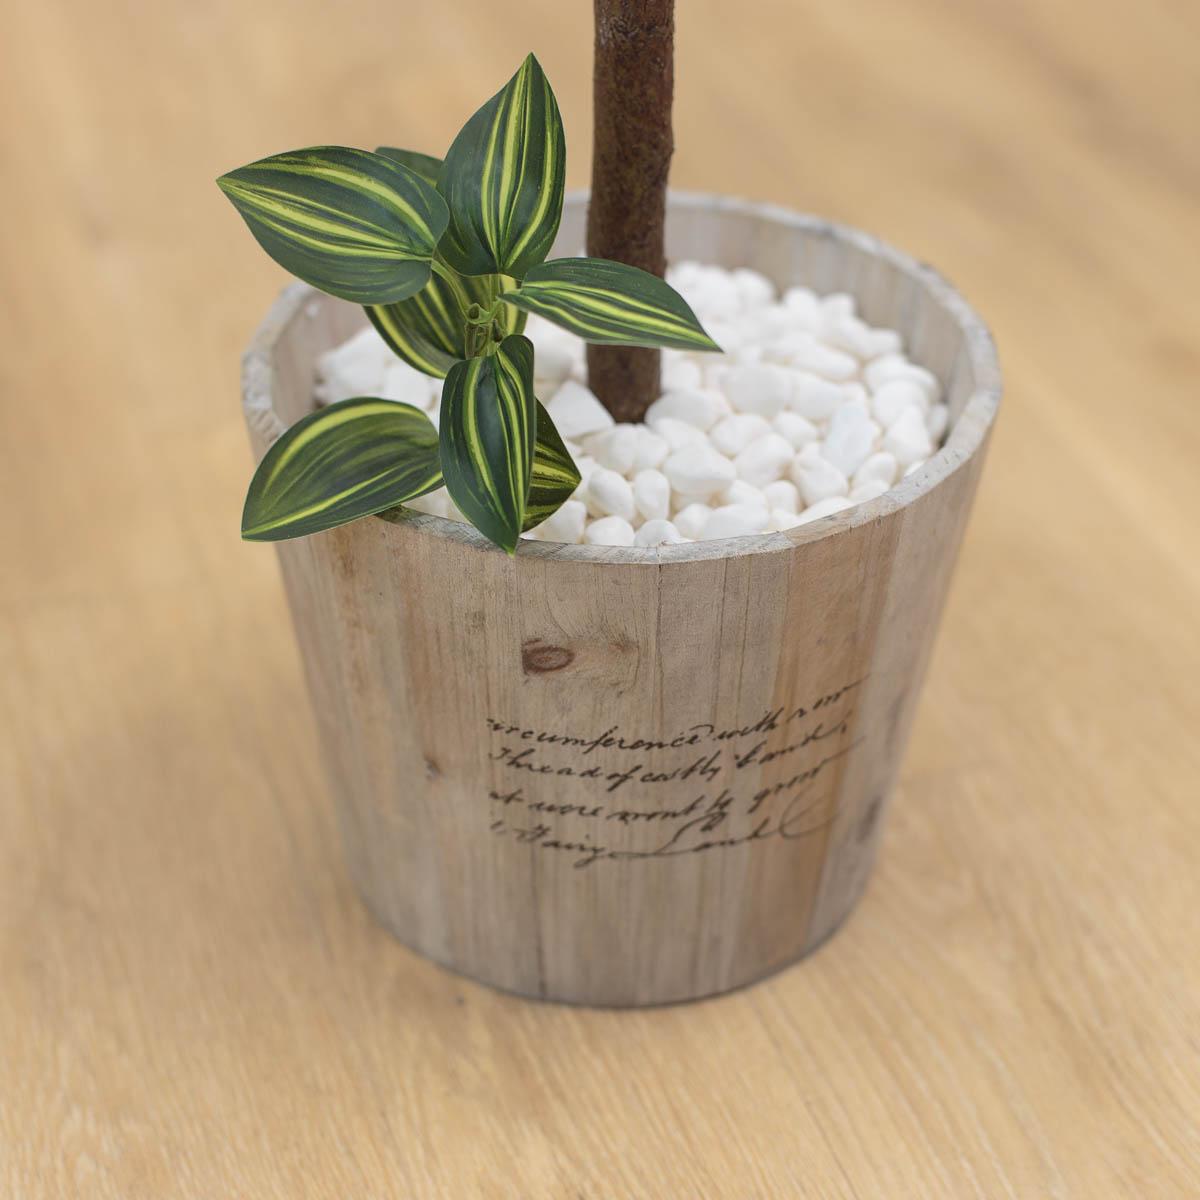 마르샤장미 조화나무 인조화분 레터링 원형 플라워포트 지피식물 디테일